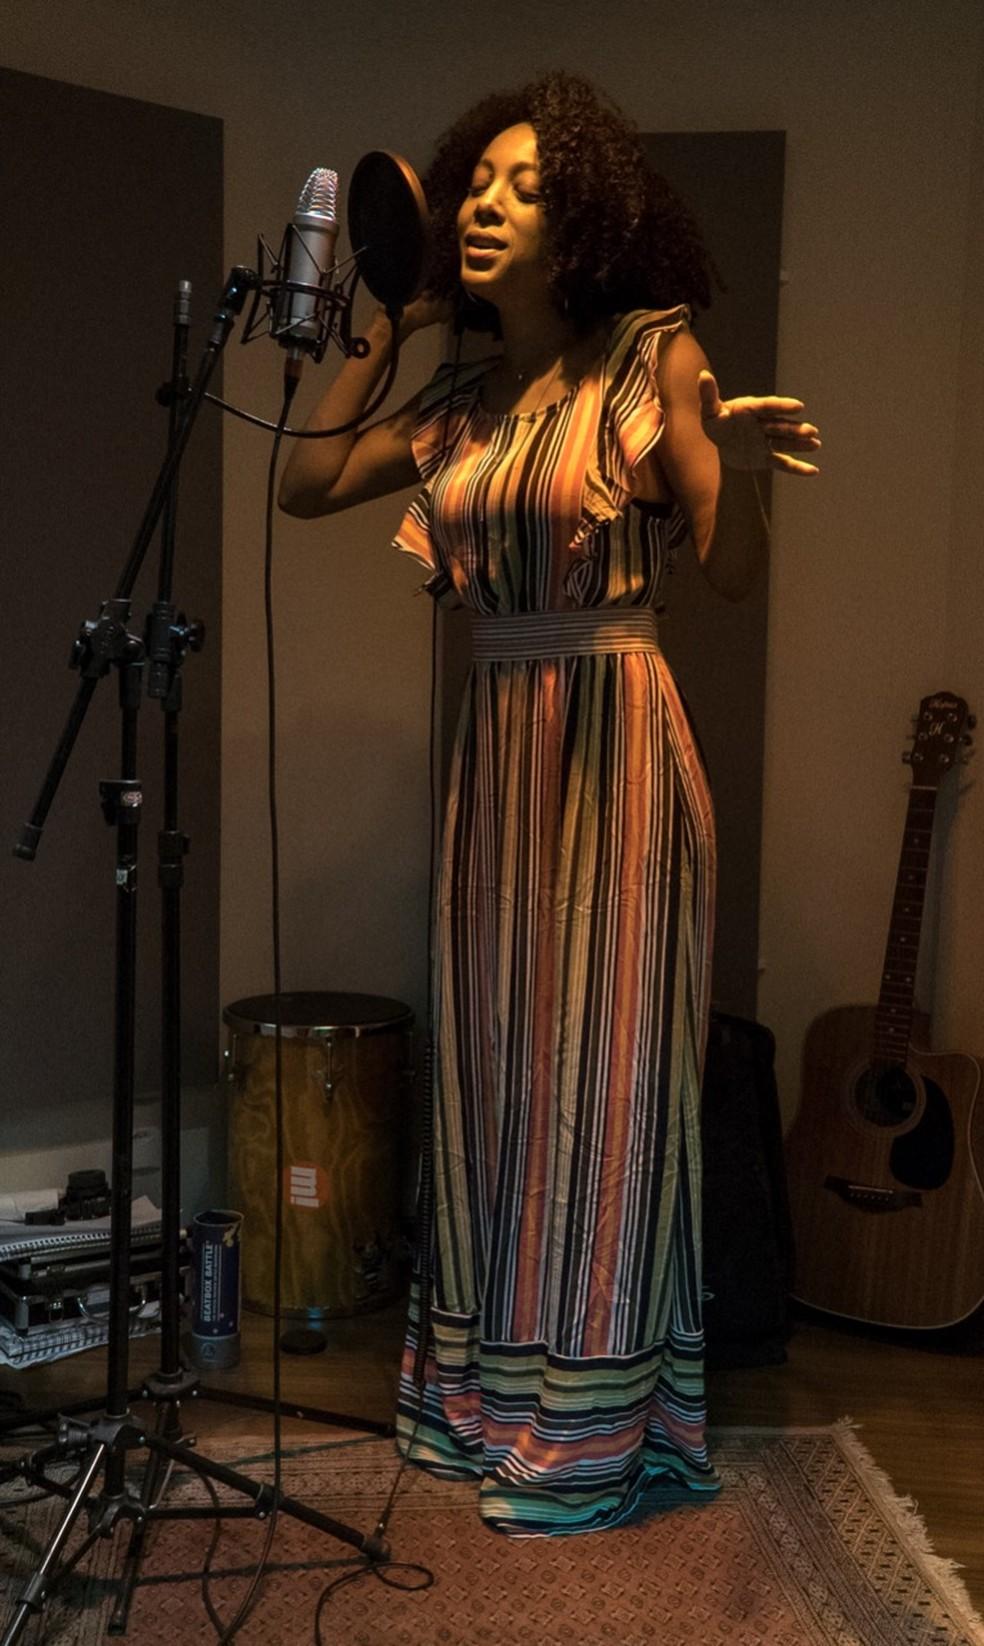 Negra Li em estúdio na gravação da música 'Strong woman' — Foto: Divulgação